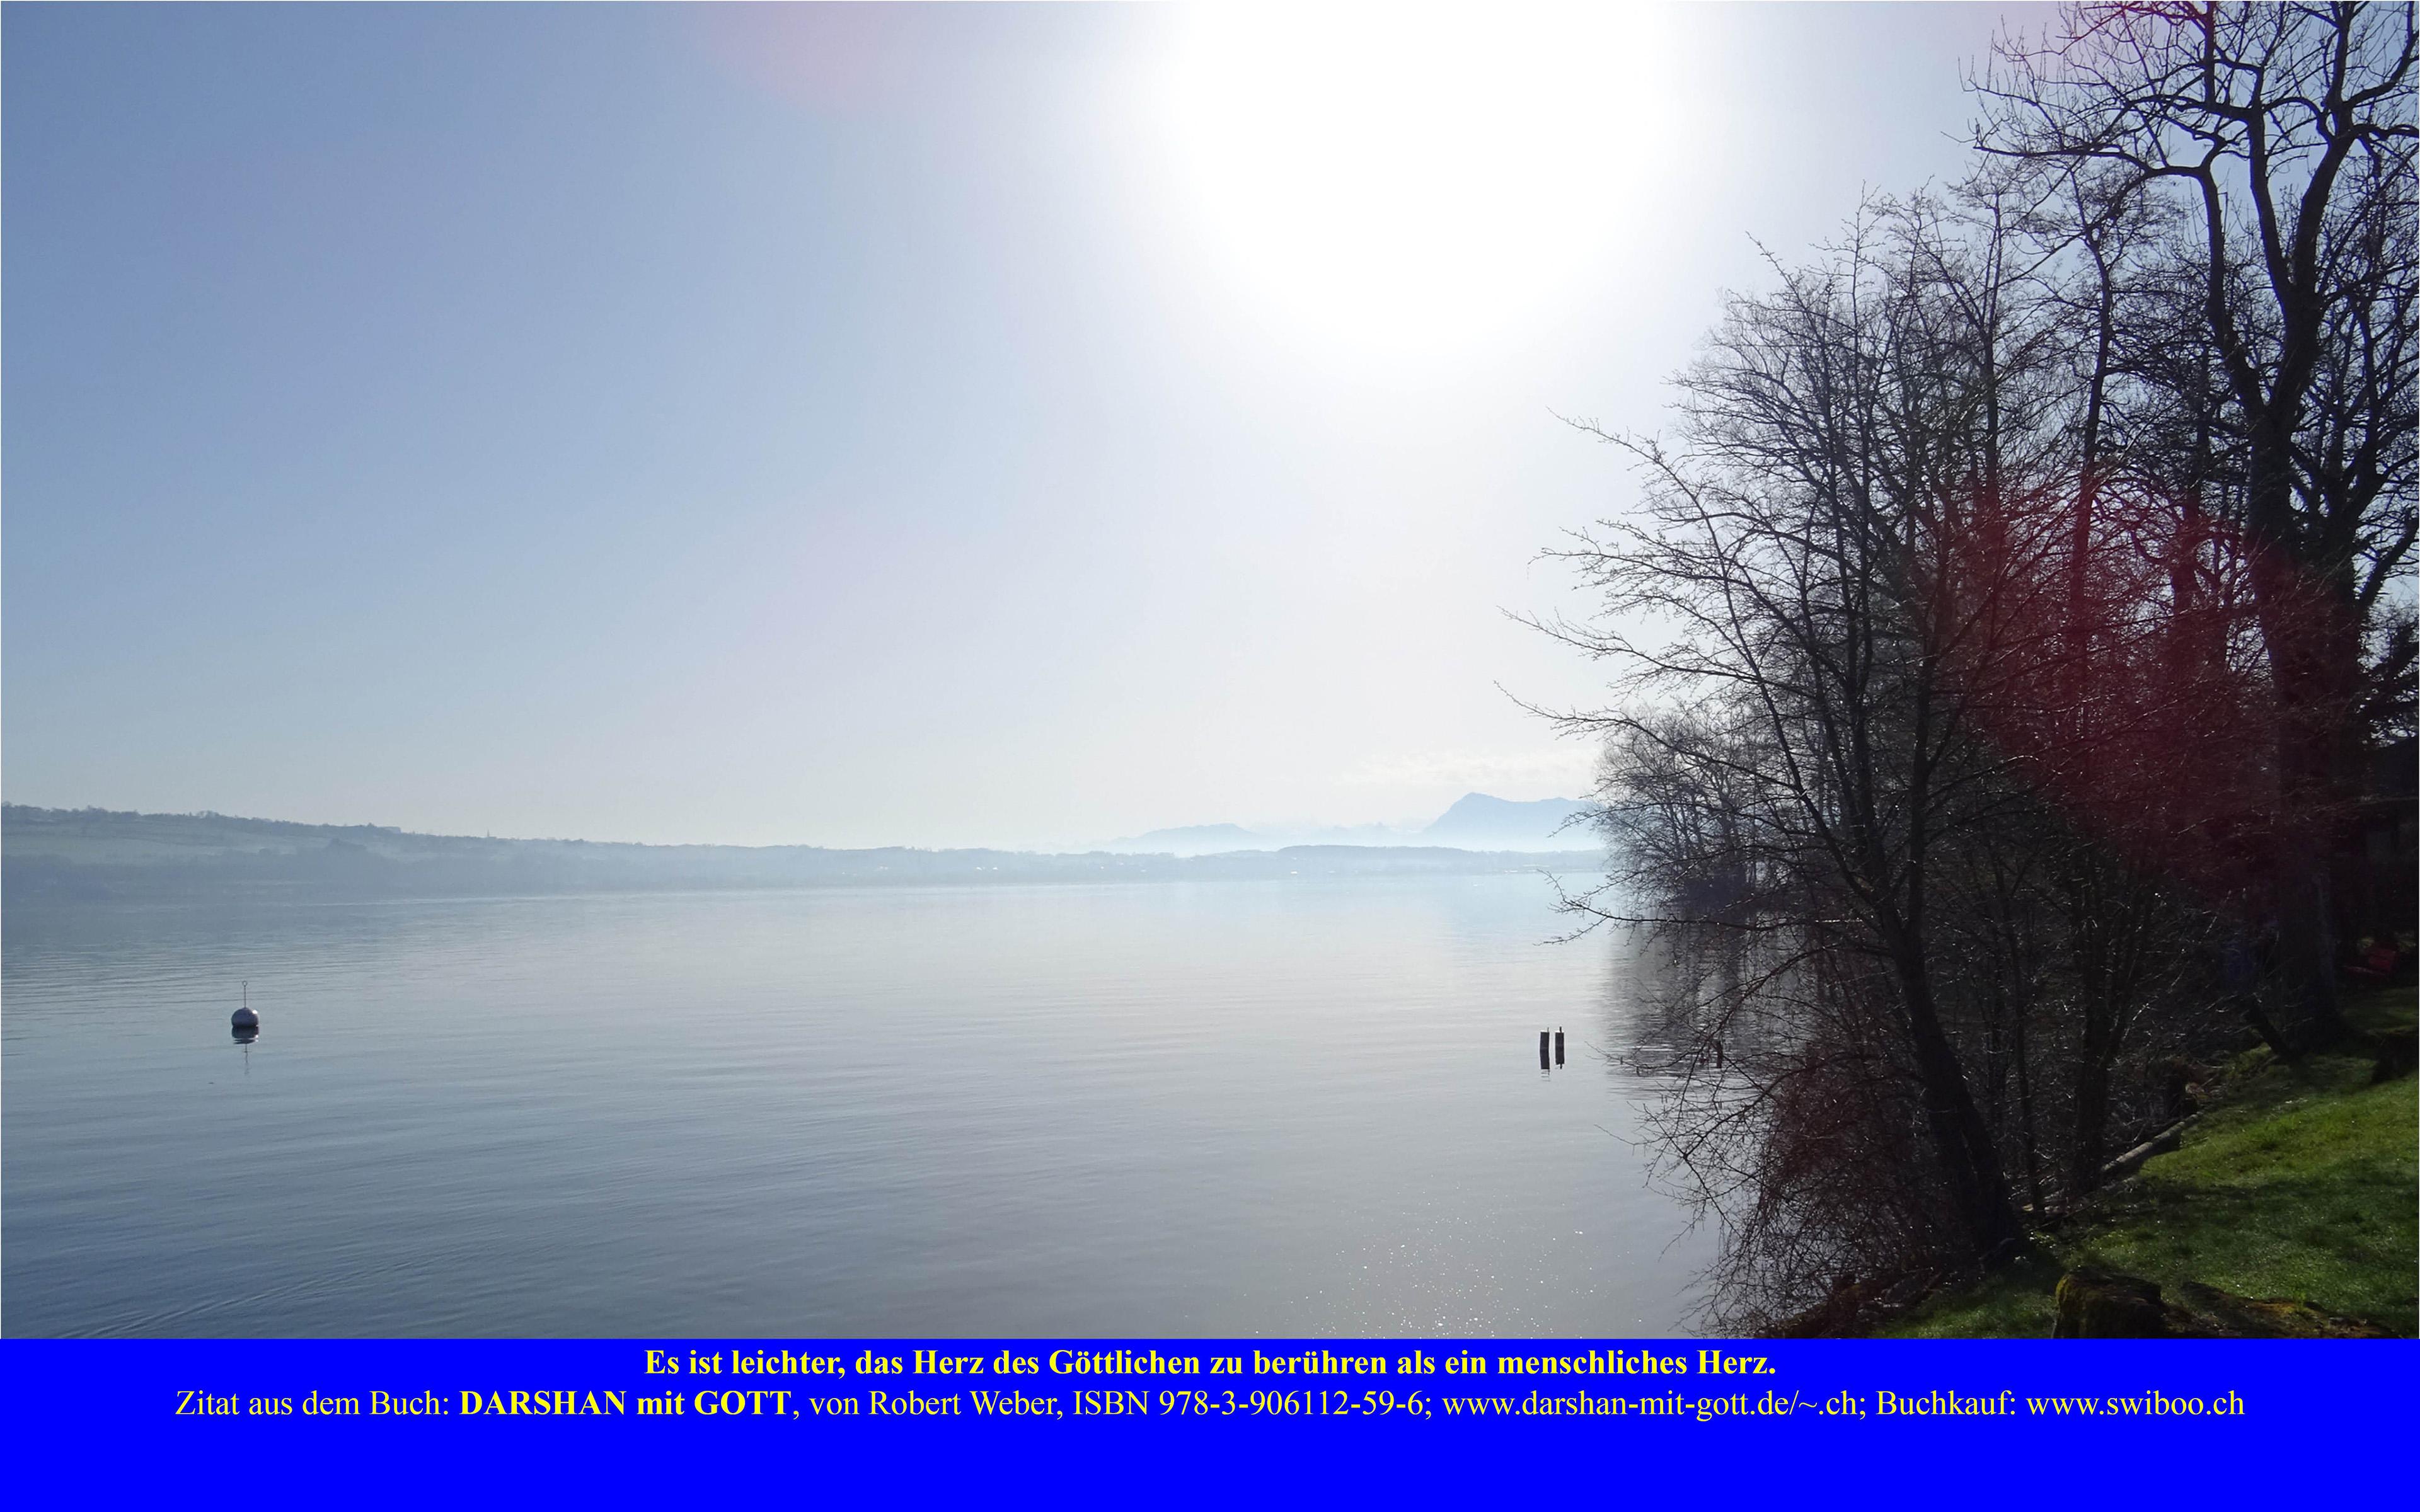 DARSHAN mit GOTT: Es ist leichter das Herz des Göttlichen ..., Sempachersee, Nottwil, Morgens